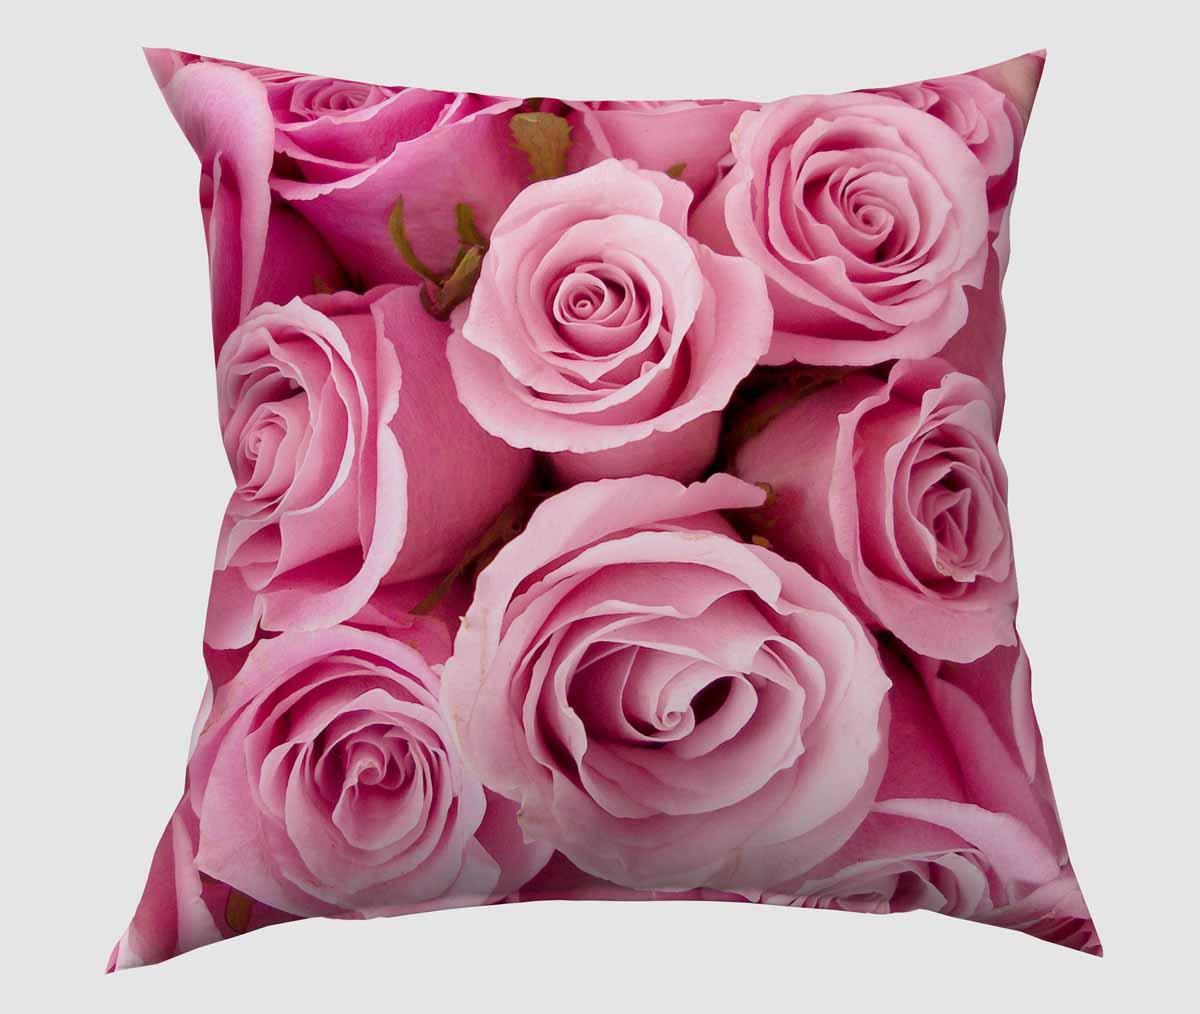 Подушка декоративная Сирень Розовые розы, 40 х 40 см04555-ПШ-ГБ-012Декоративная подушка Сирень Розовые розы, изготовленная из габардина (100% полиэстер), прекрасно дополнит интерьер спальни или гостиной. Подушка оформлена красочным изображением. Внутри - мягкий наполнитель из холлофайбера (100% полиэстер). Красивая подушка создаст атмосферу тепла и уюта в спальне и станет прекрасным элементом декора.